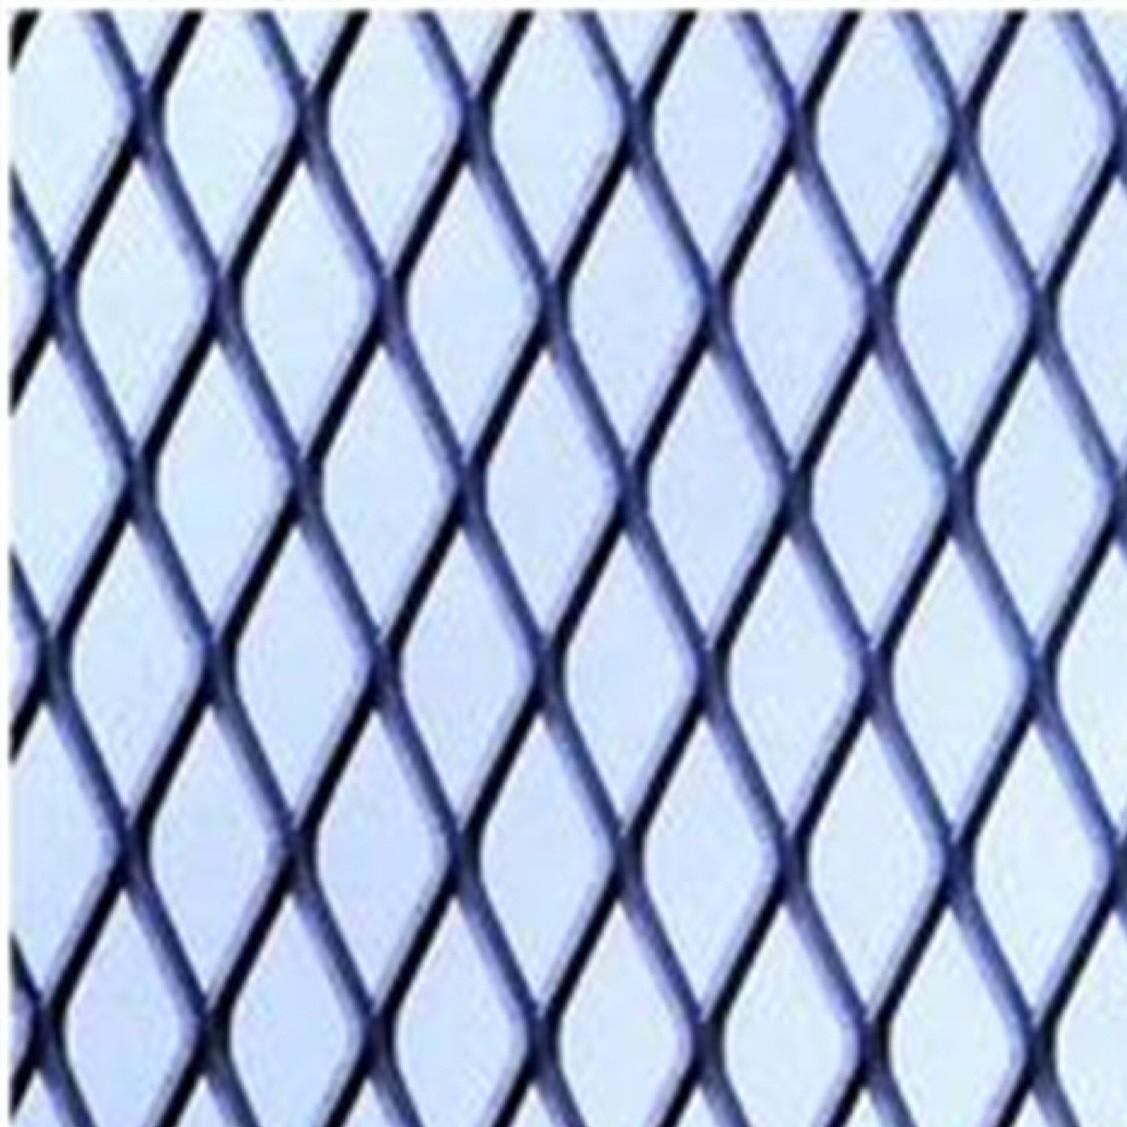 厂家直销钢板网 镀锌钢板网 护坡钢板网 不锈钢钢板